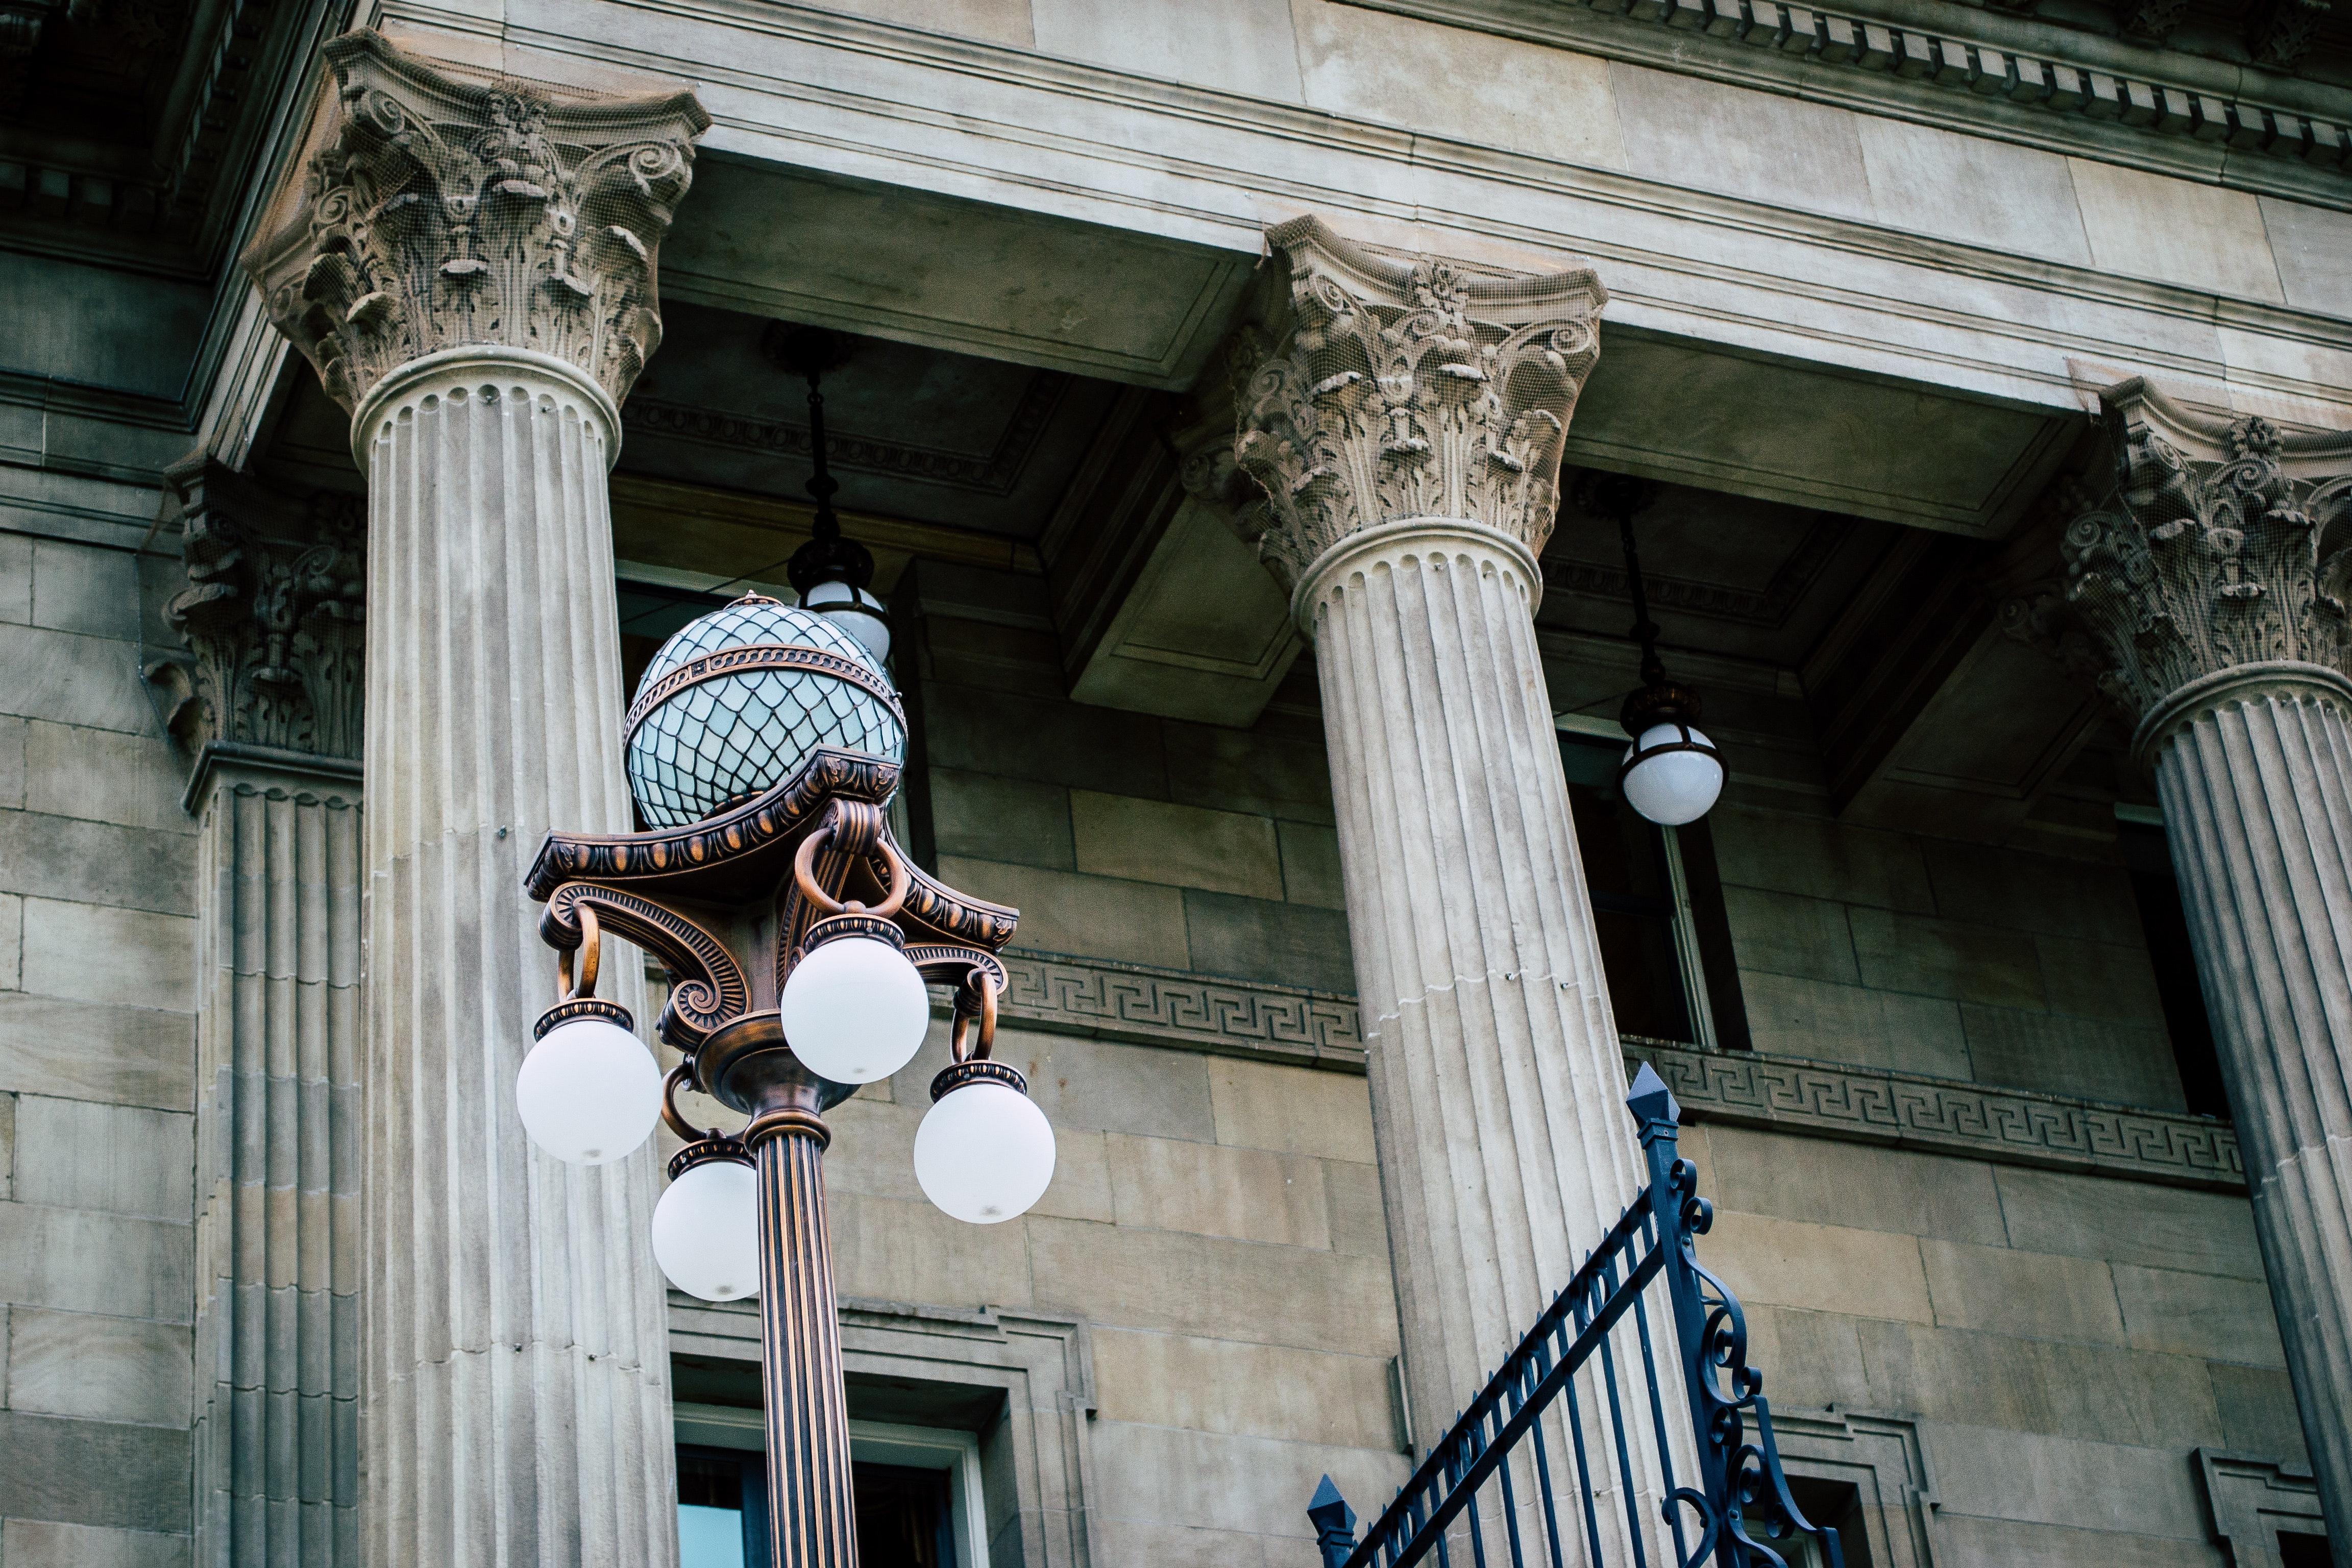 L'evoluzione del diritto all'oblio alla luce dei principi elaborati dalla giurisprudenza della corte di cassazione